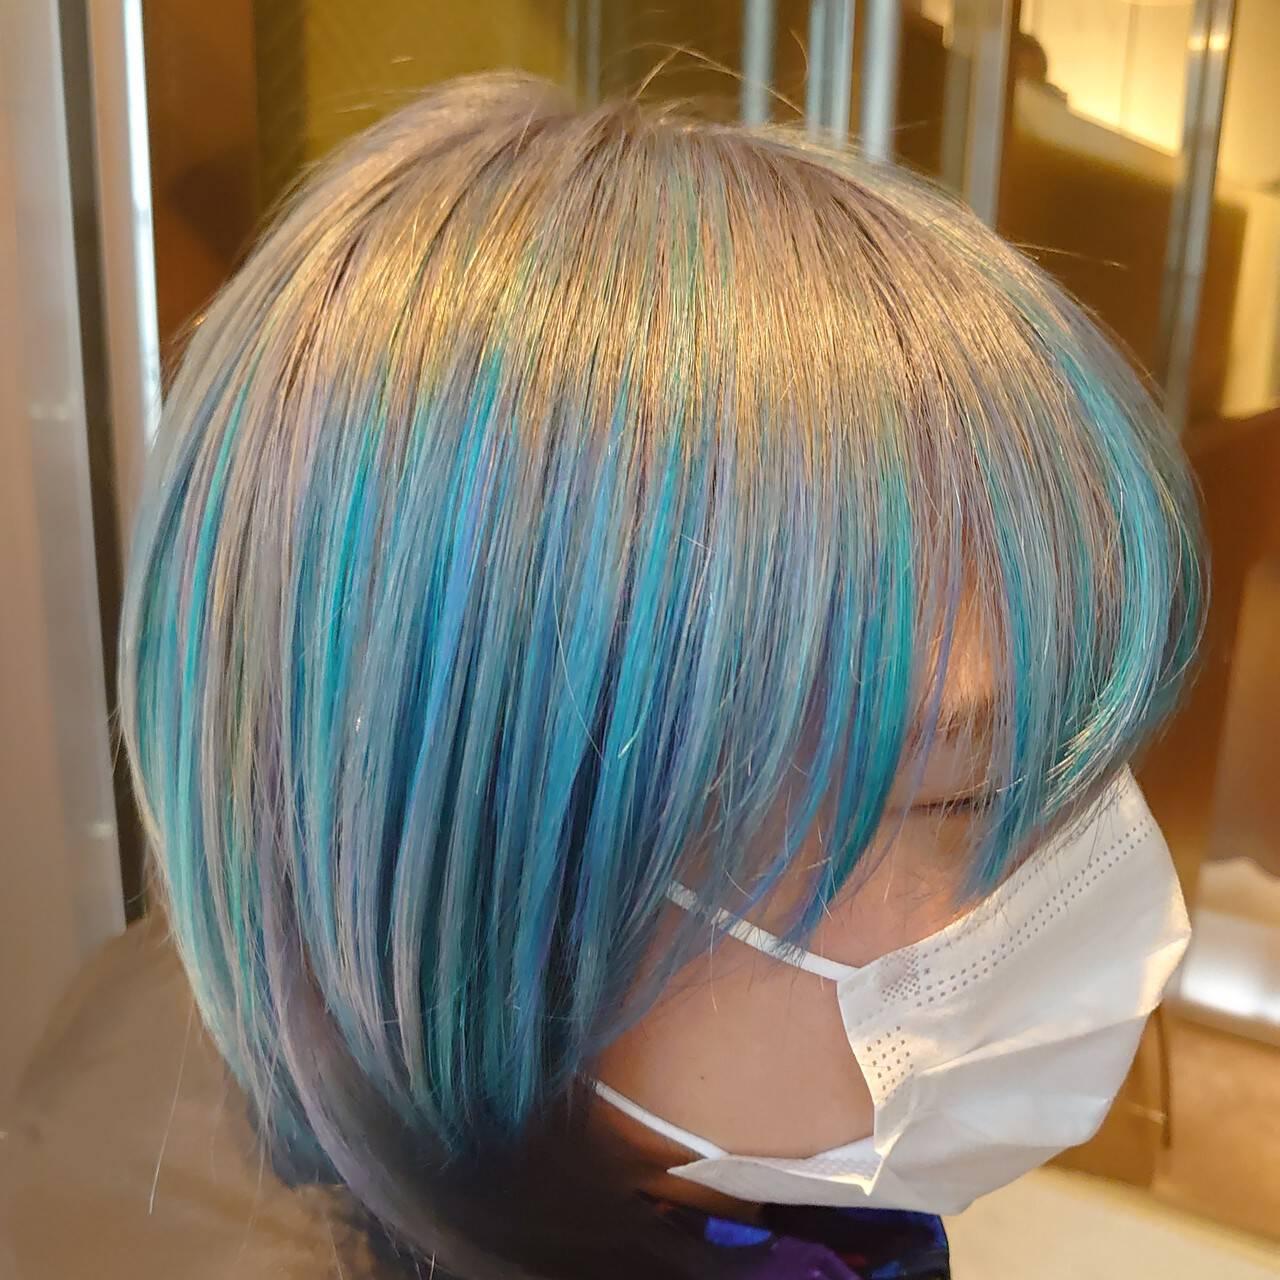 ターコイズブルー モード クリエイティブ ハイライトヘアスタイルや髪型の写真・画像